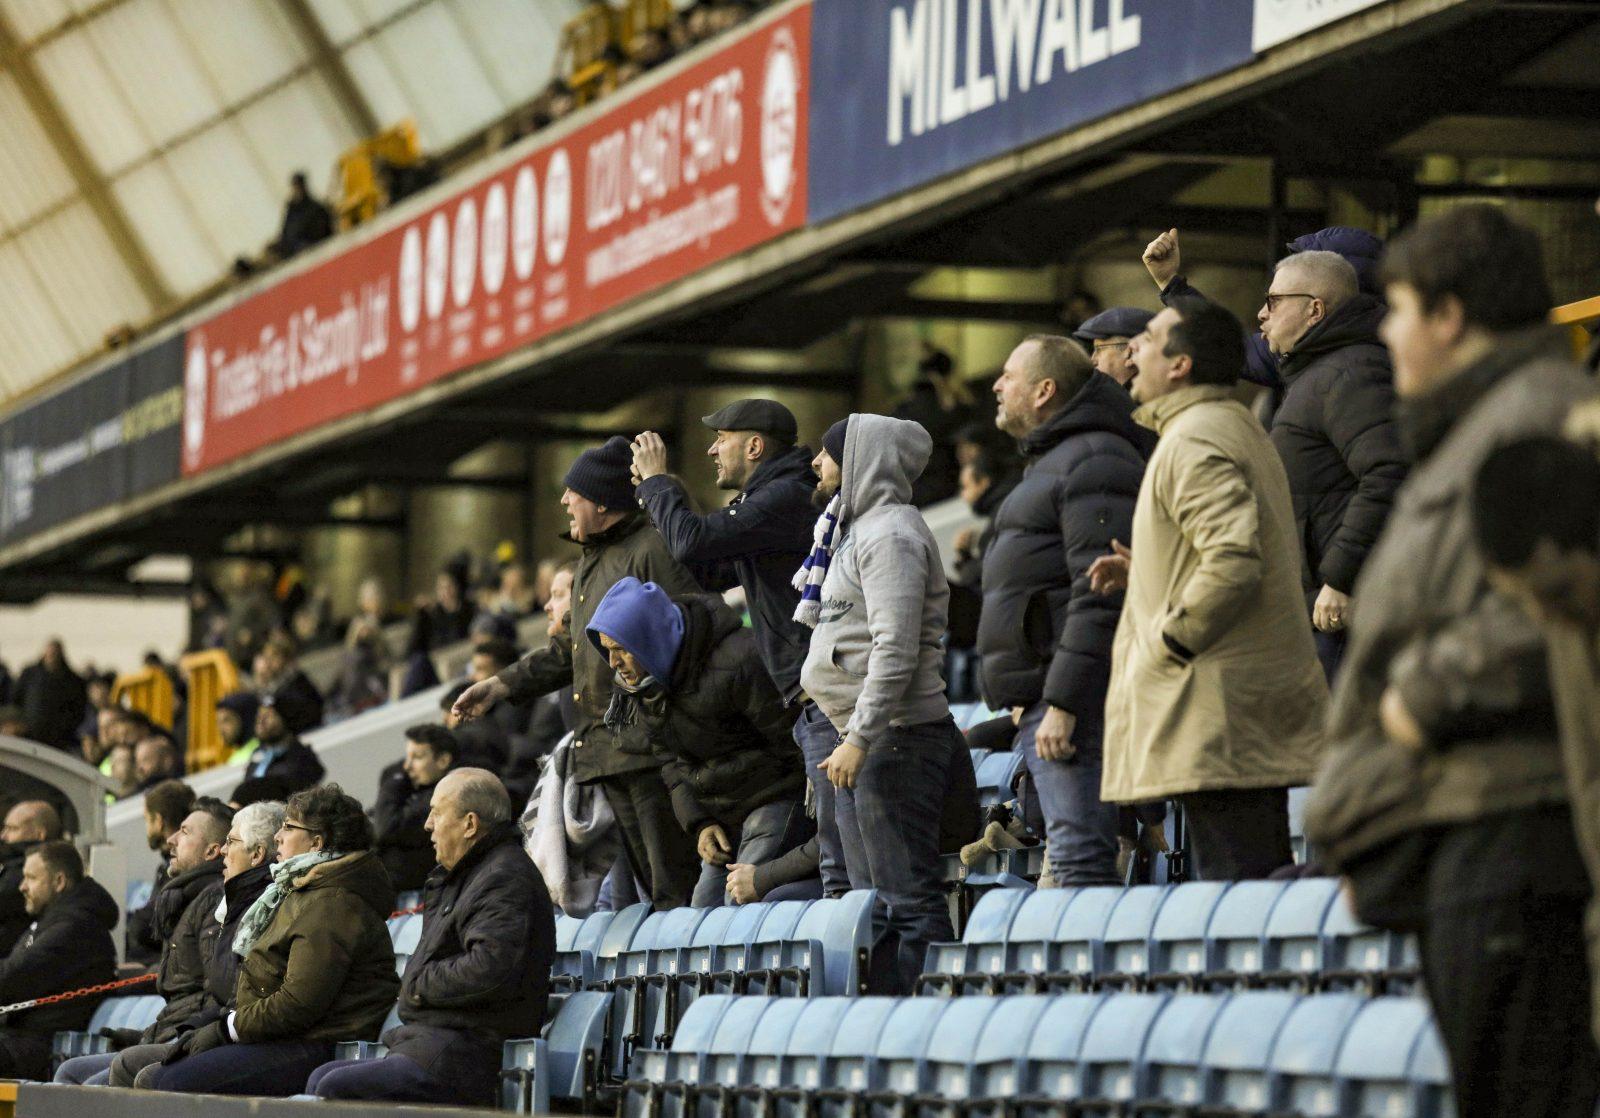 Fans des Millwall FC taten ihren Unmut während des Spiels lautstark kund Foto: picture alliance / SPORTPIX.ORG.UK | Joshua Smith | SportPix.org.uk